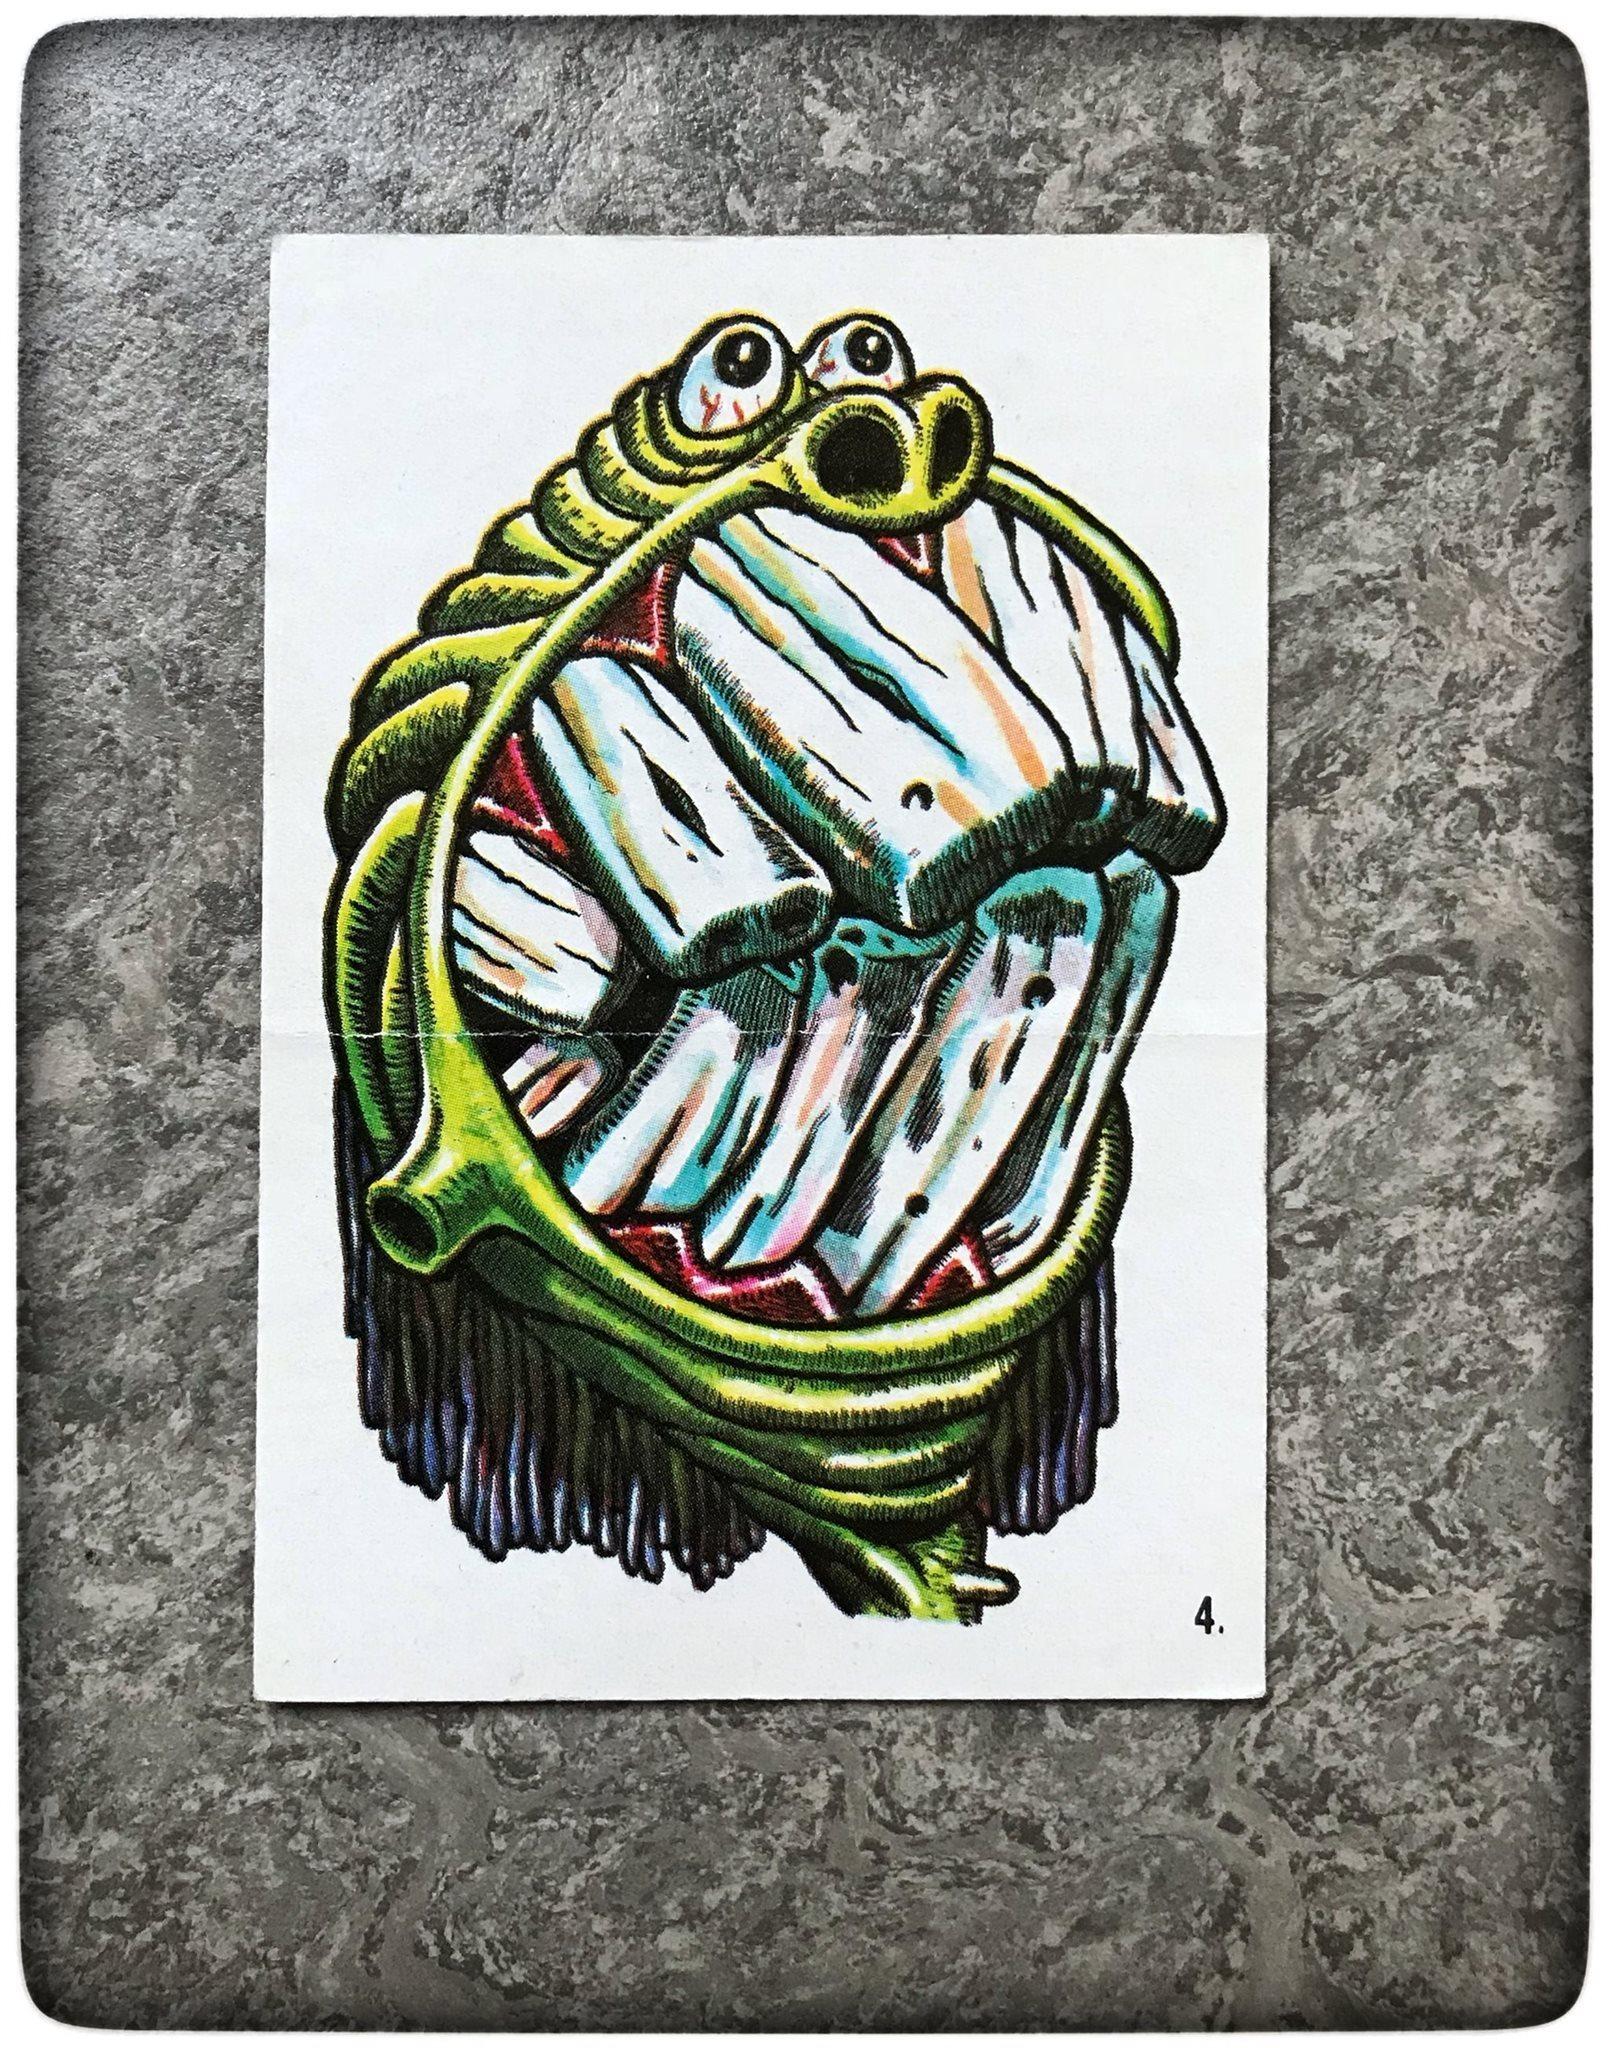 Ugly Stickers 1967 A   BC monster klister Vinta.. (341920450) ᐈ Köp ... 38834ea045ee0